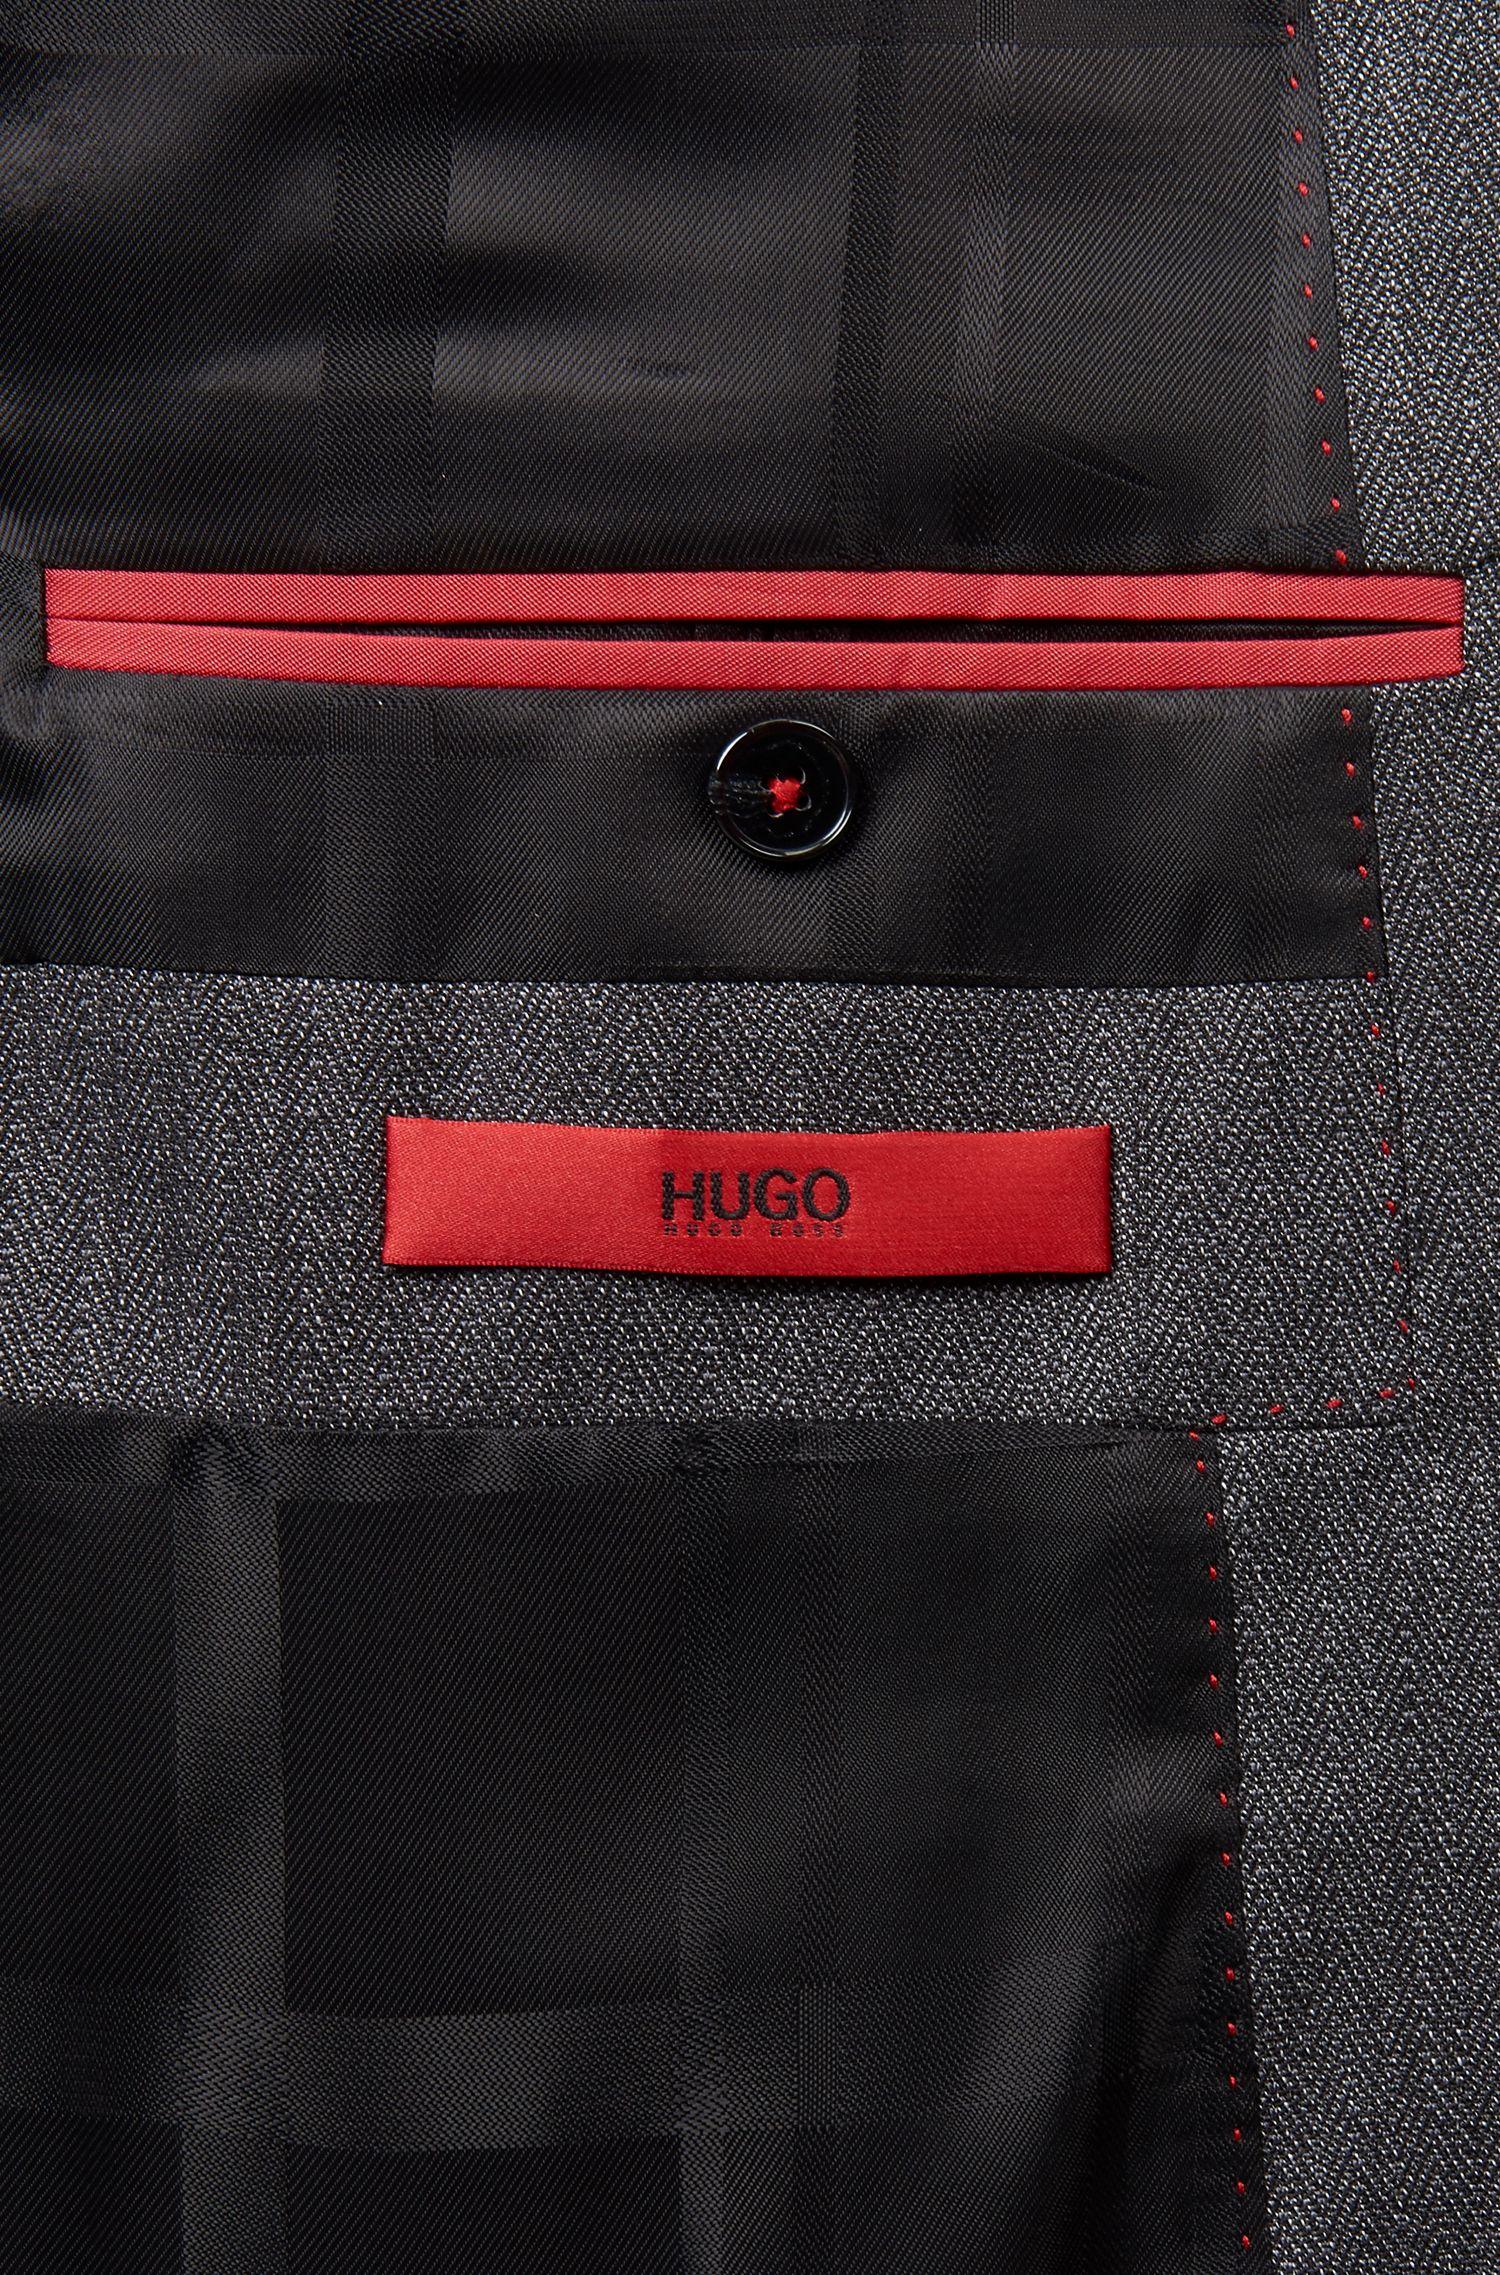 Herringbone Virgin Wool 3-Piece Suit, Extra Slim Fit | Arnin/Wilardo/Hermin